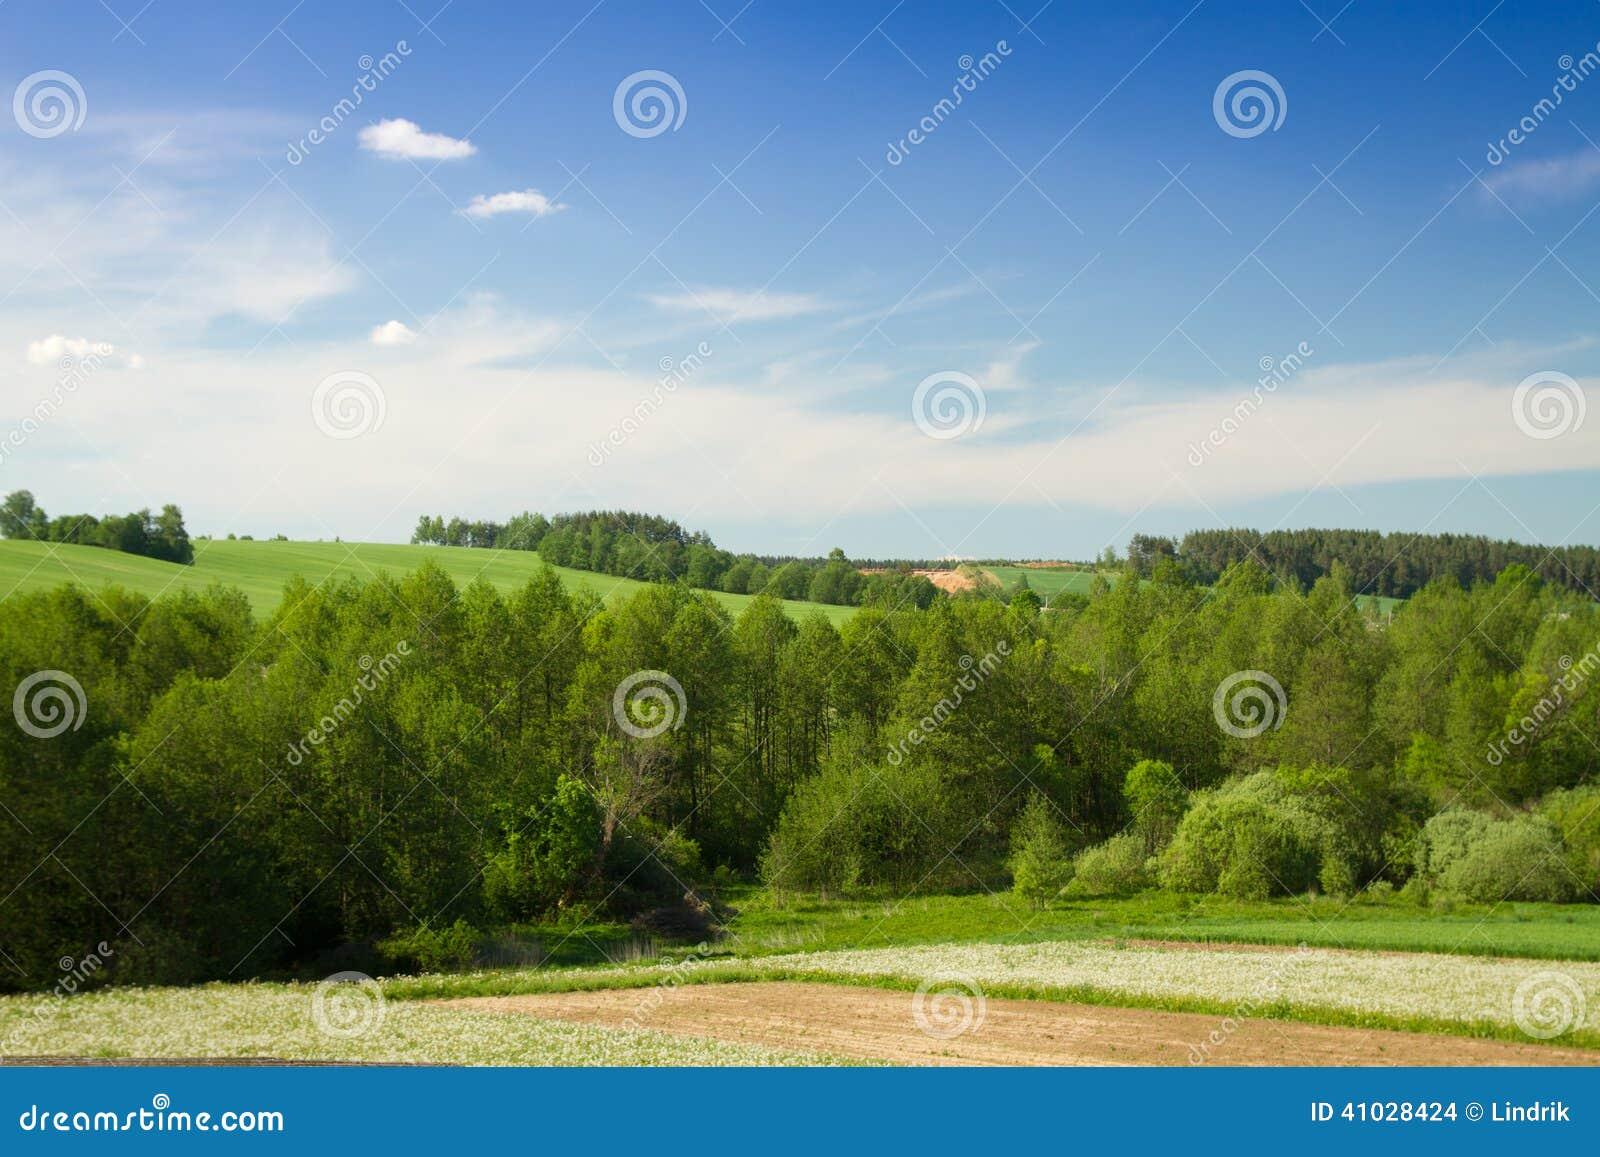 领域和森林夏天风景 美丽如画的风景在欧洲.图片